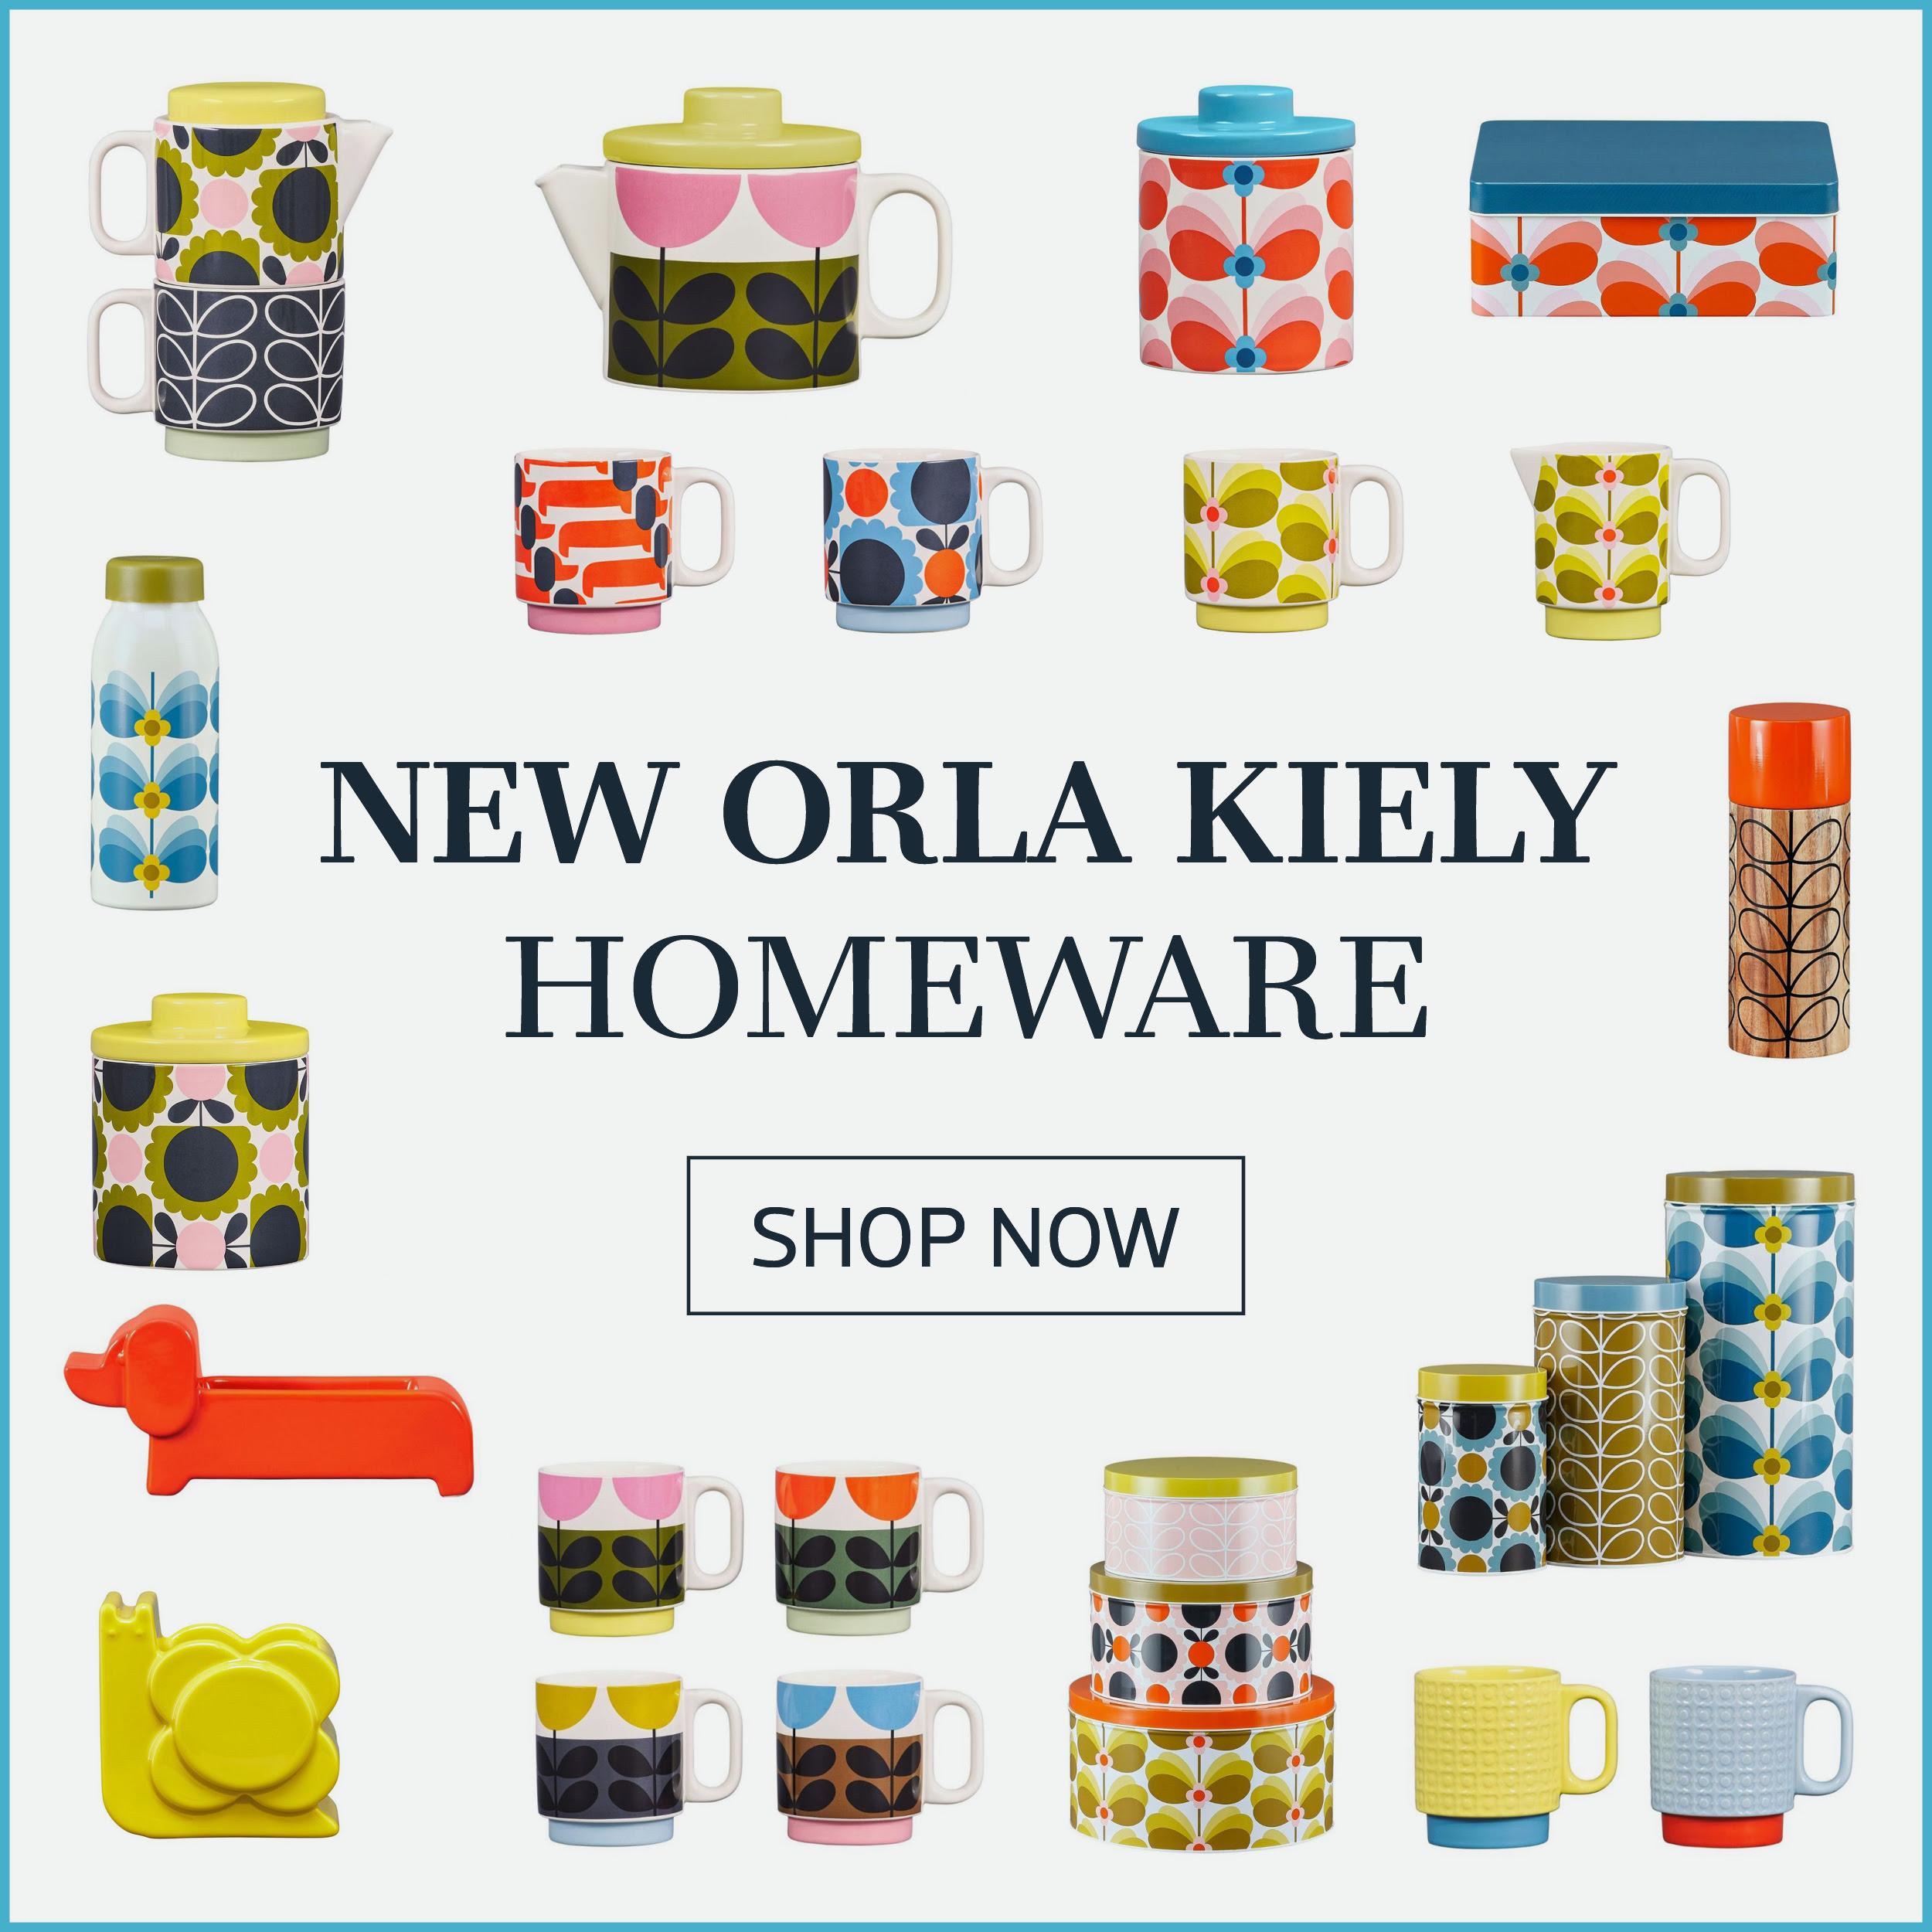 New orla kiely homeware